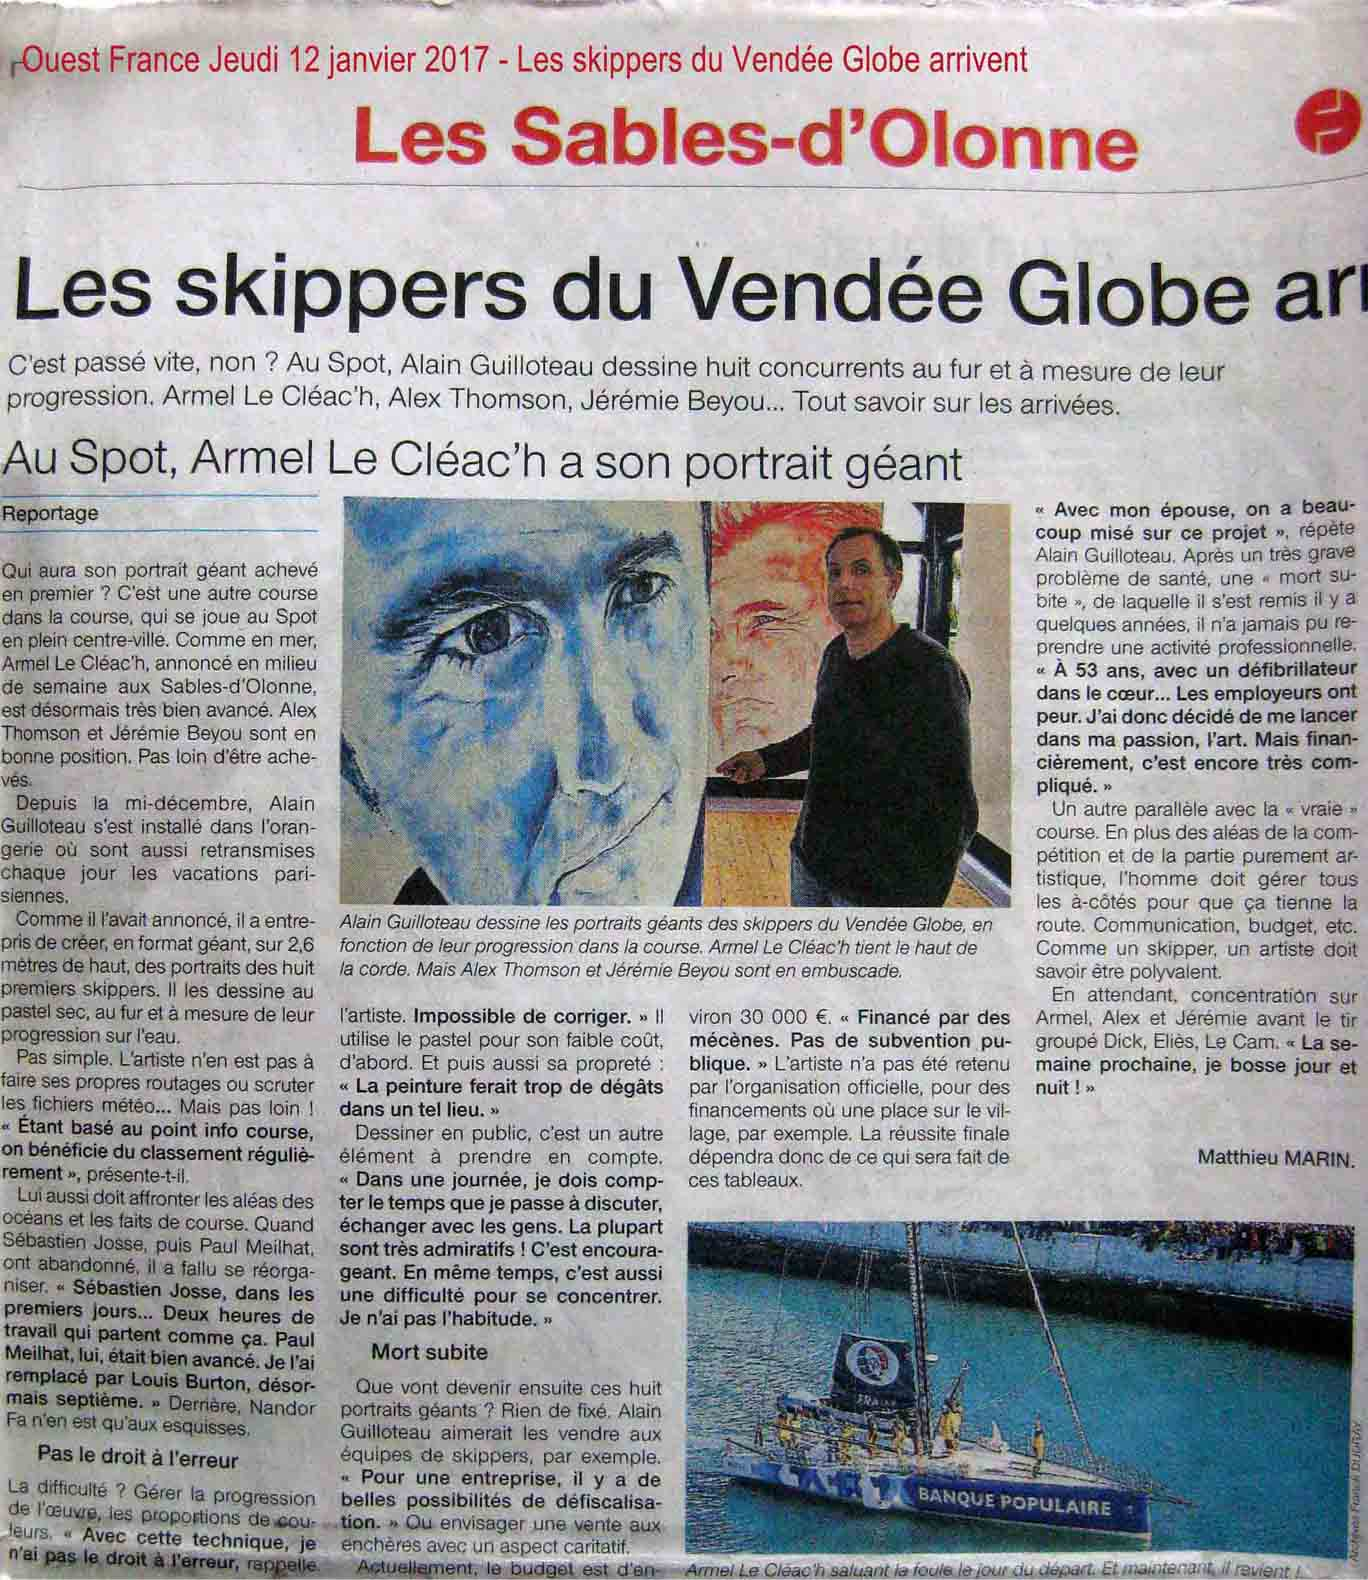 Ouest France 12 janvier 2017 light